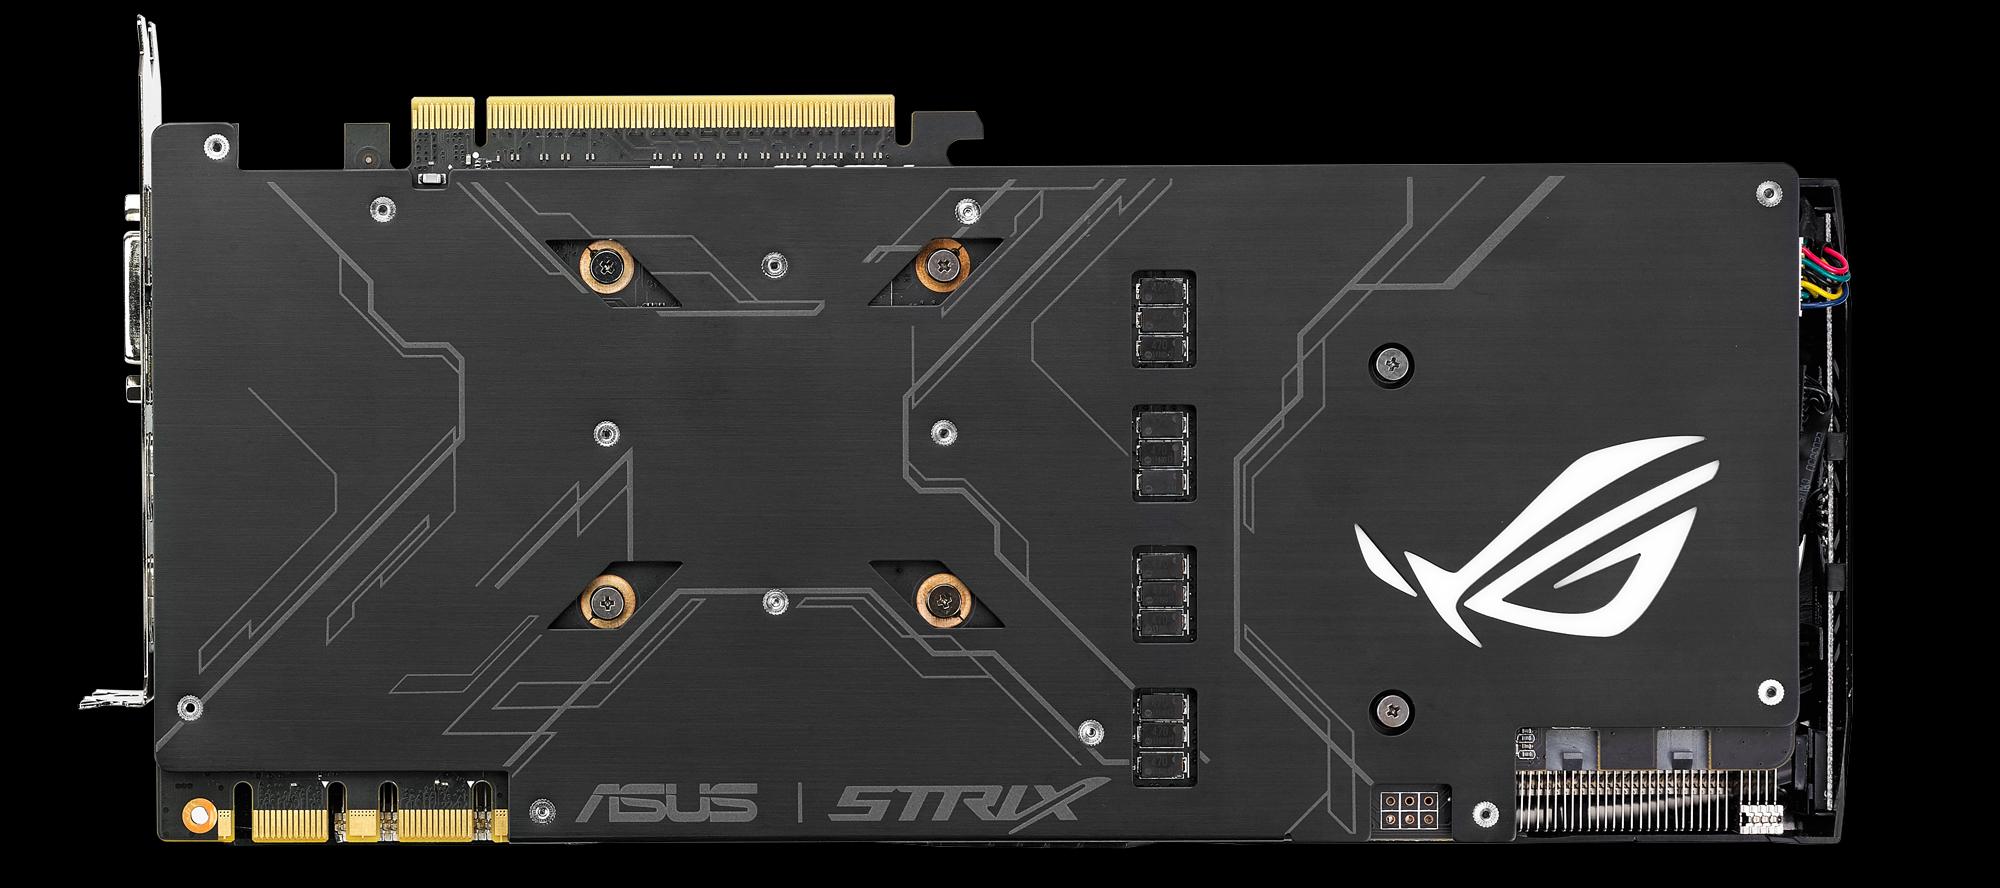 ASUS-ROG-STRIX-GeForce-GTX-1080_2.jpg